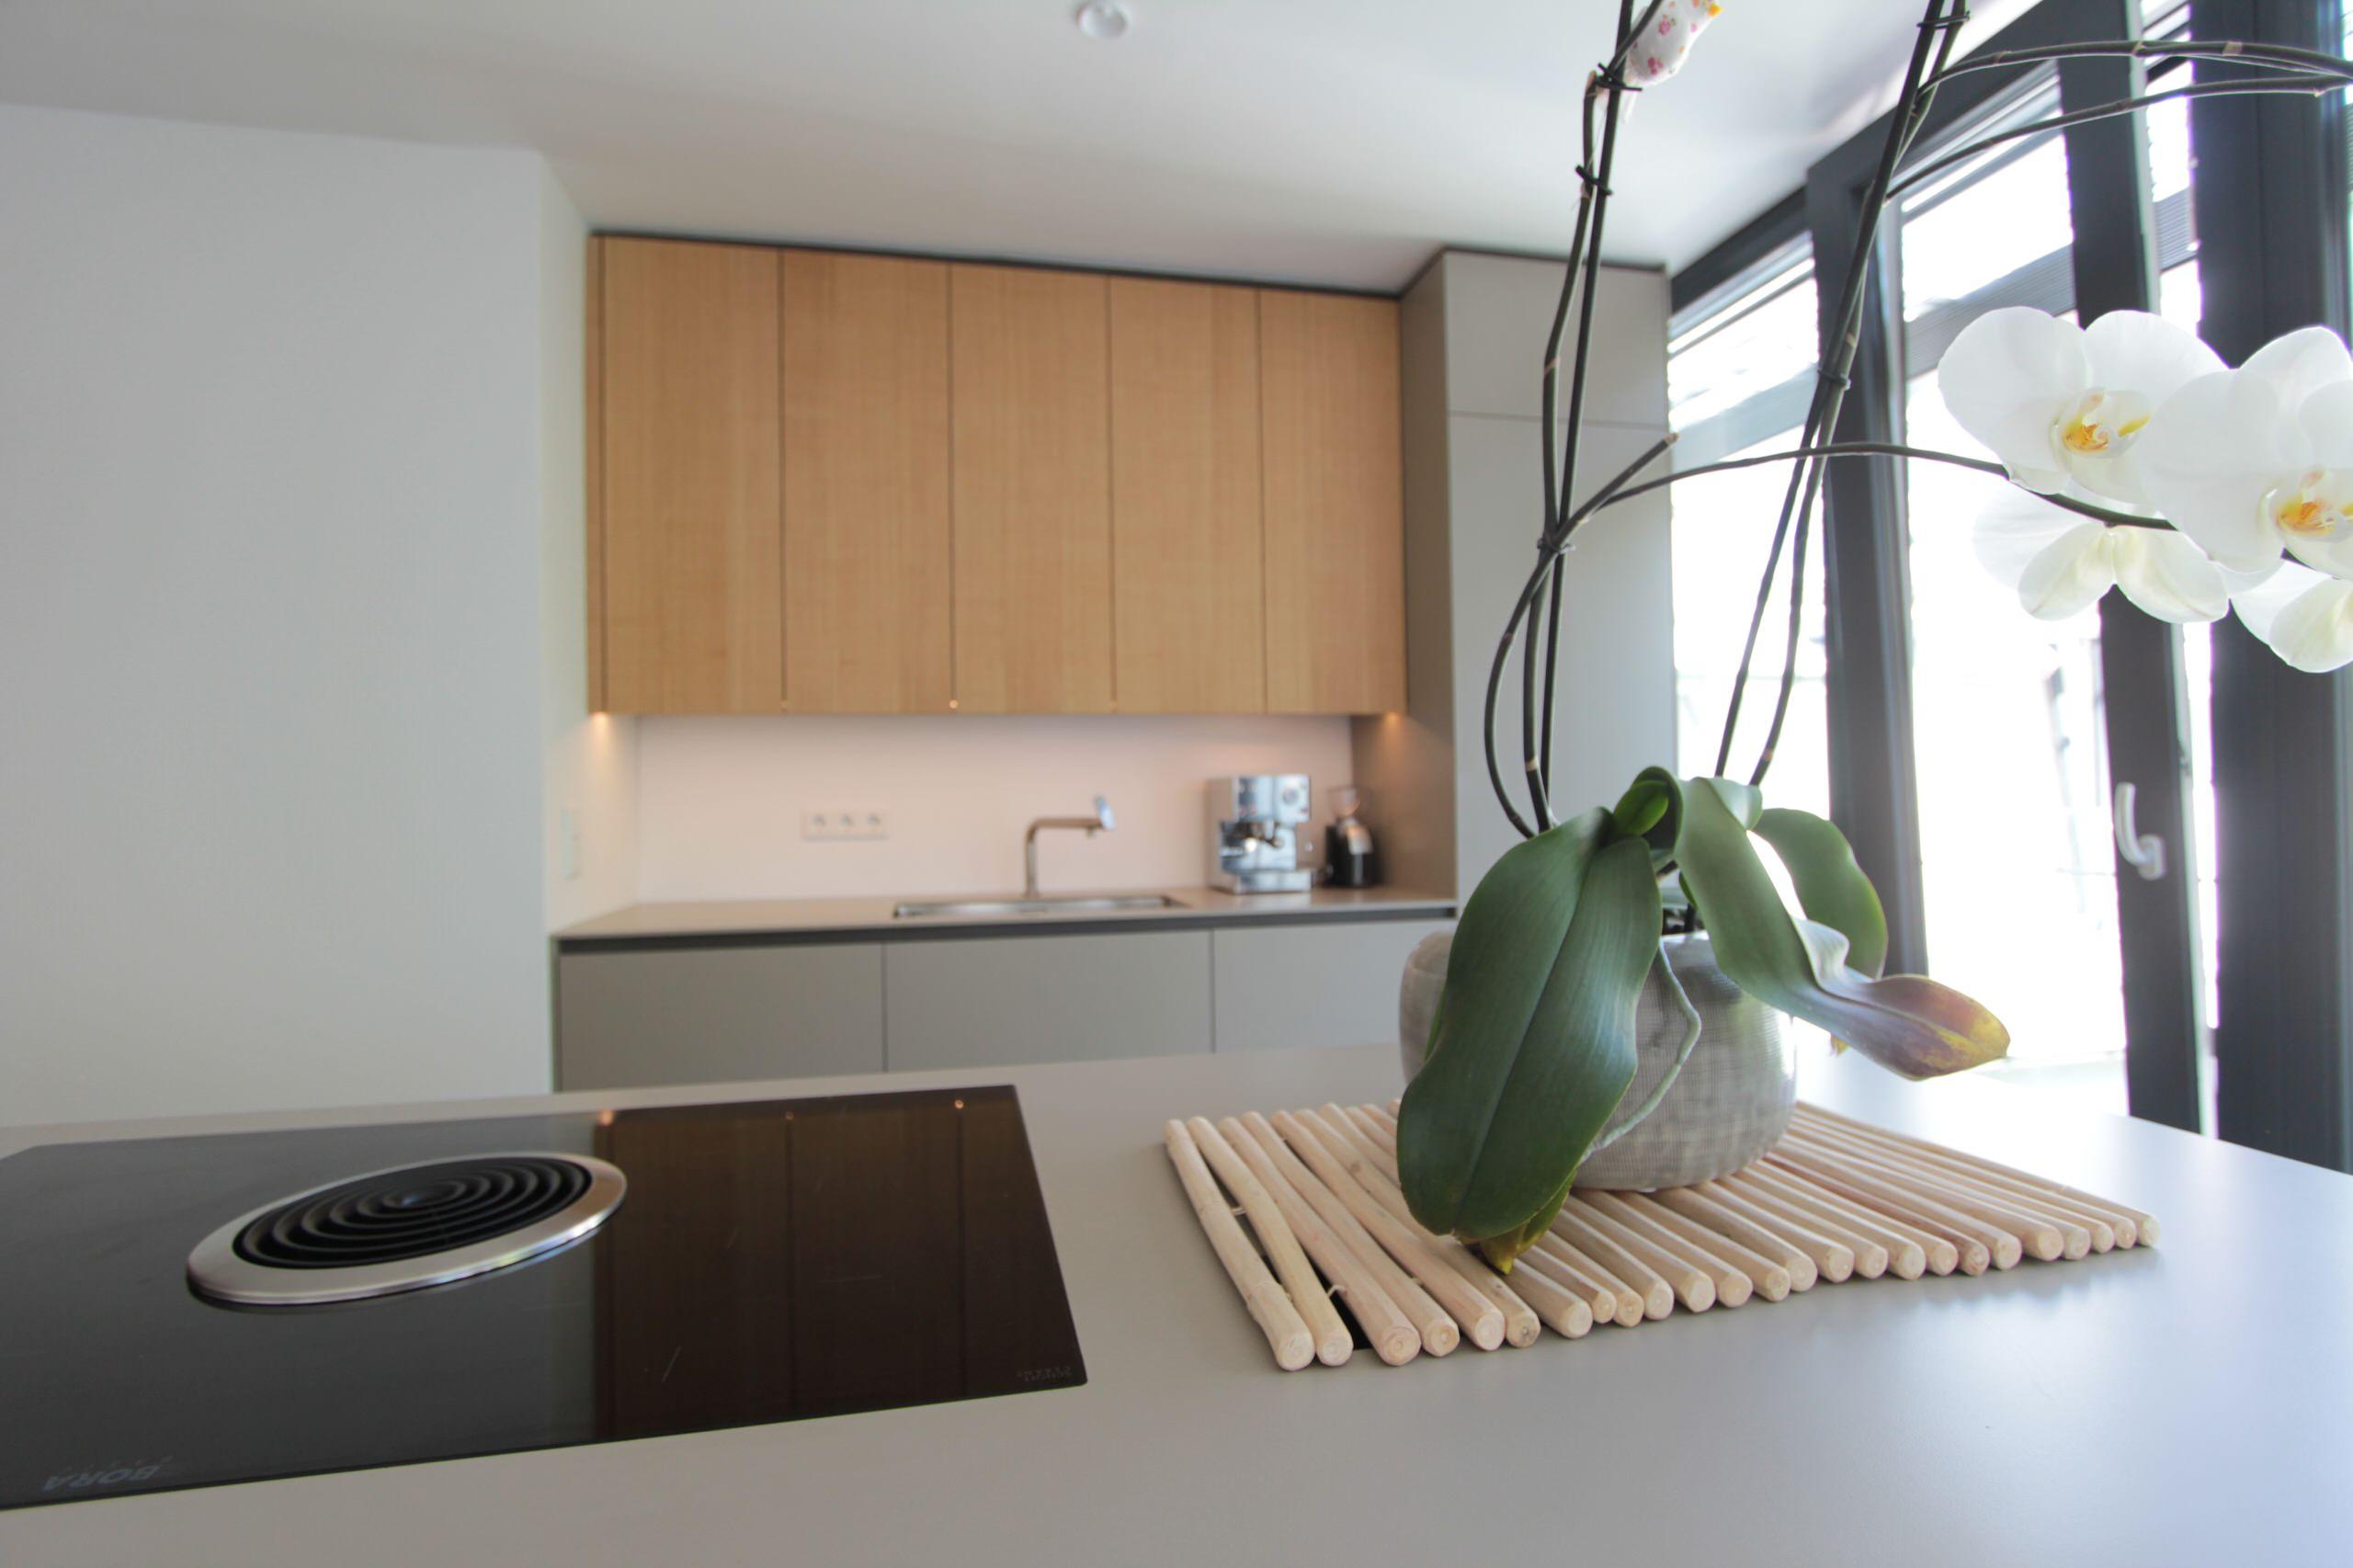 Küche in München